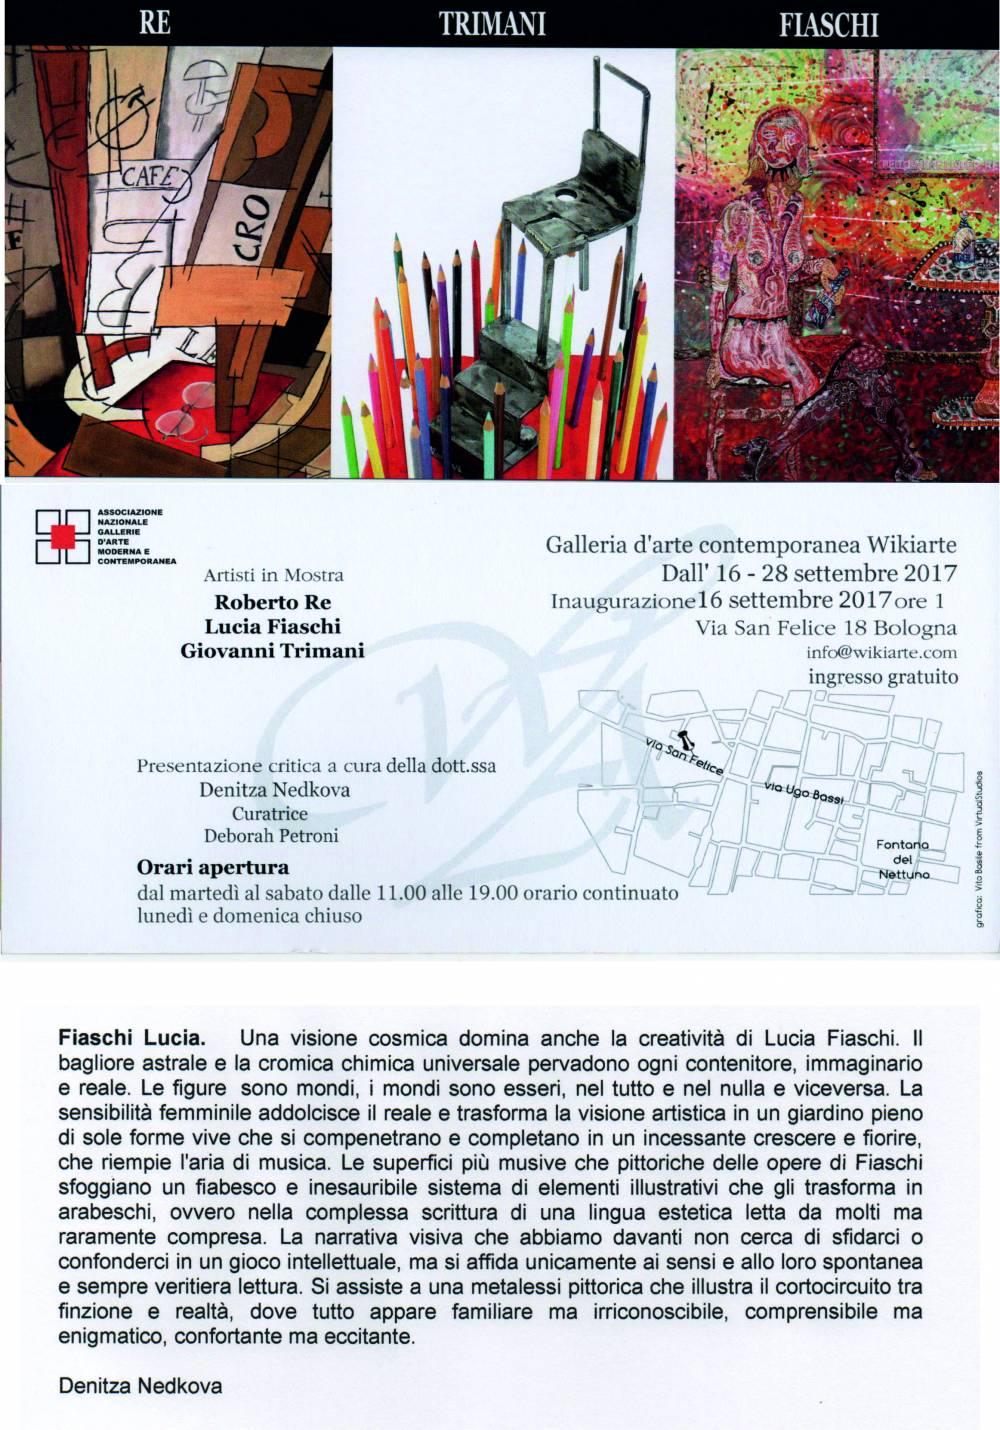 invito per la inaugurazione della mostra personale a Bologna 09/2017